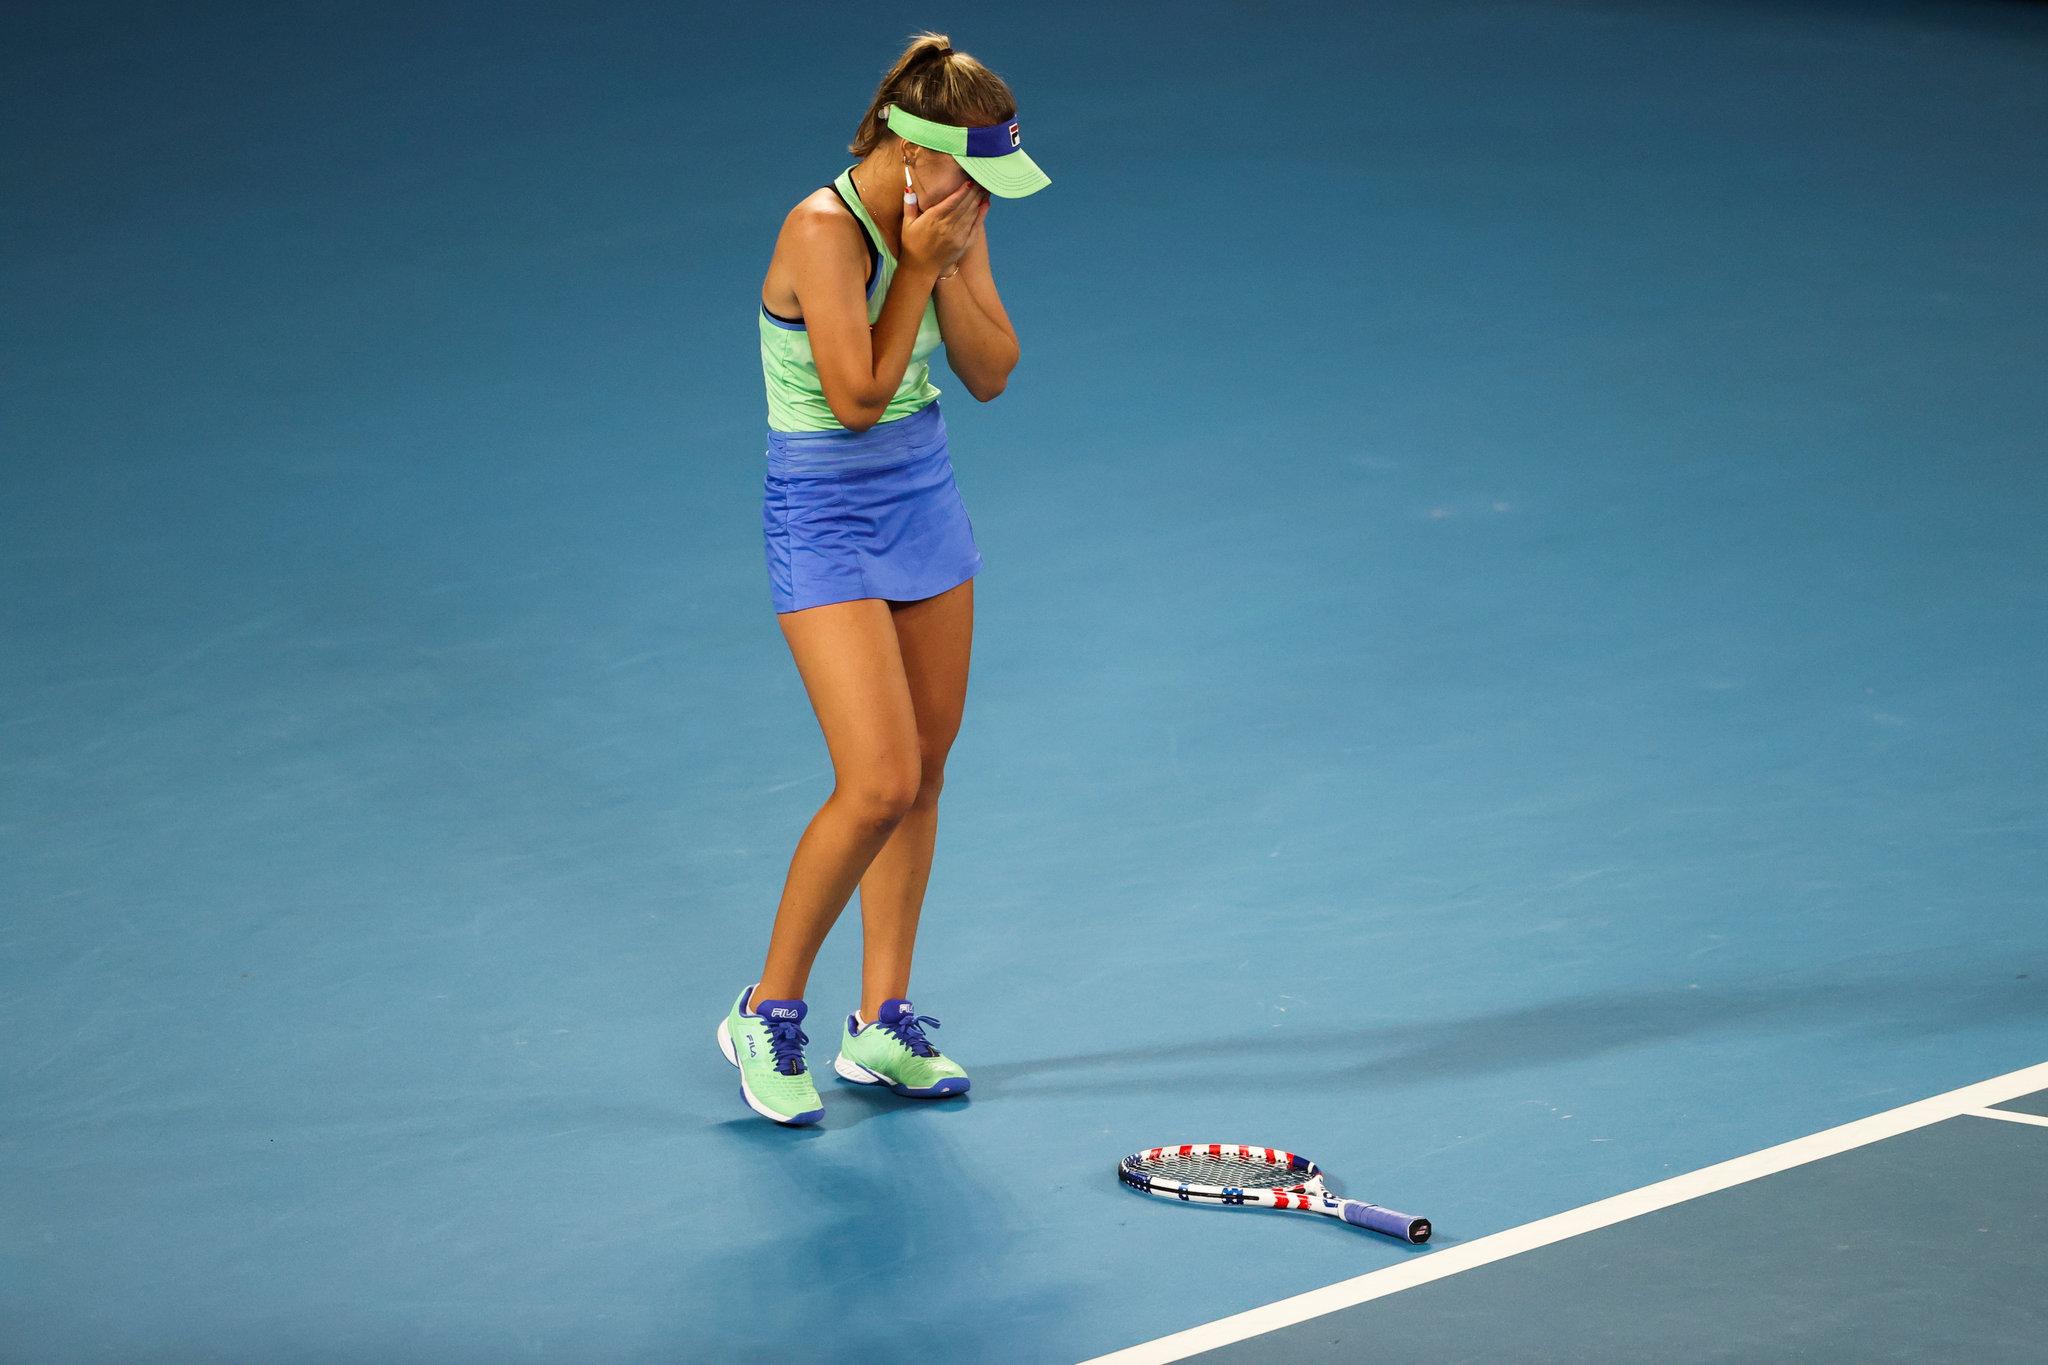 Δύο ακόμη τενίστες του Australian Open «θετικοί» στον κορωνοϊό